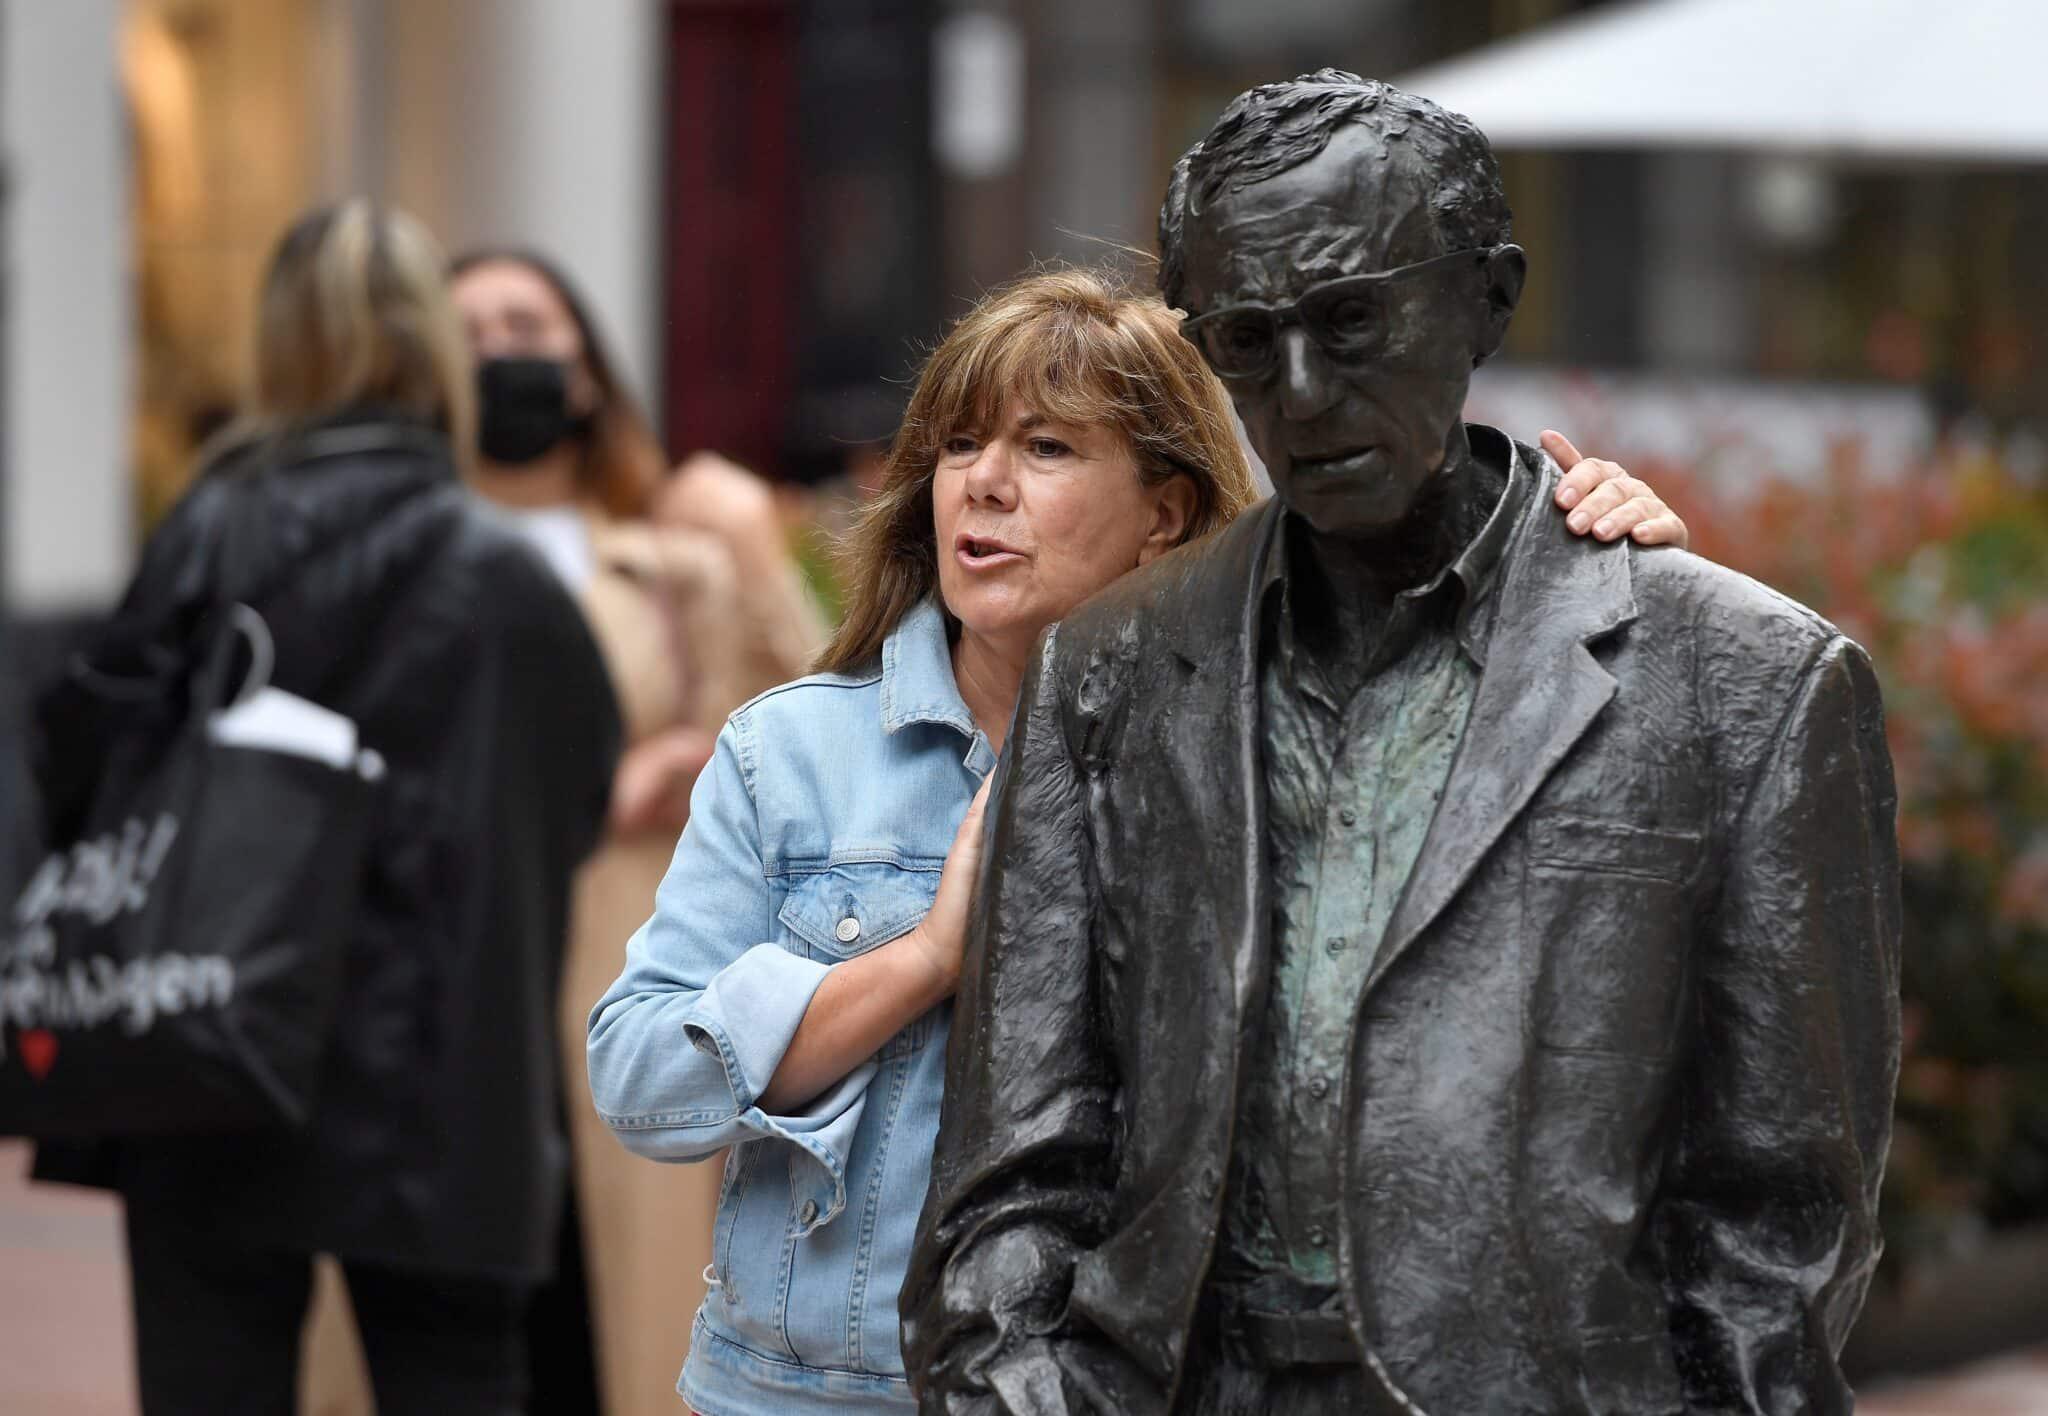 Una mujer sin mascarilla se toma un fotrografía junto a la estatua del cineasta estadounidense Woody Allen.